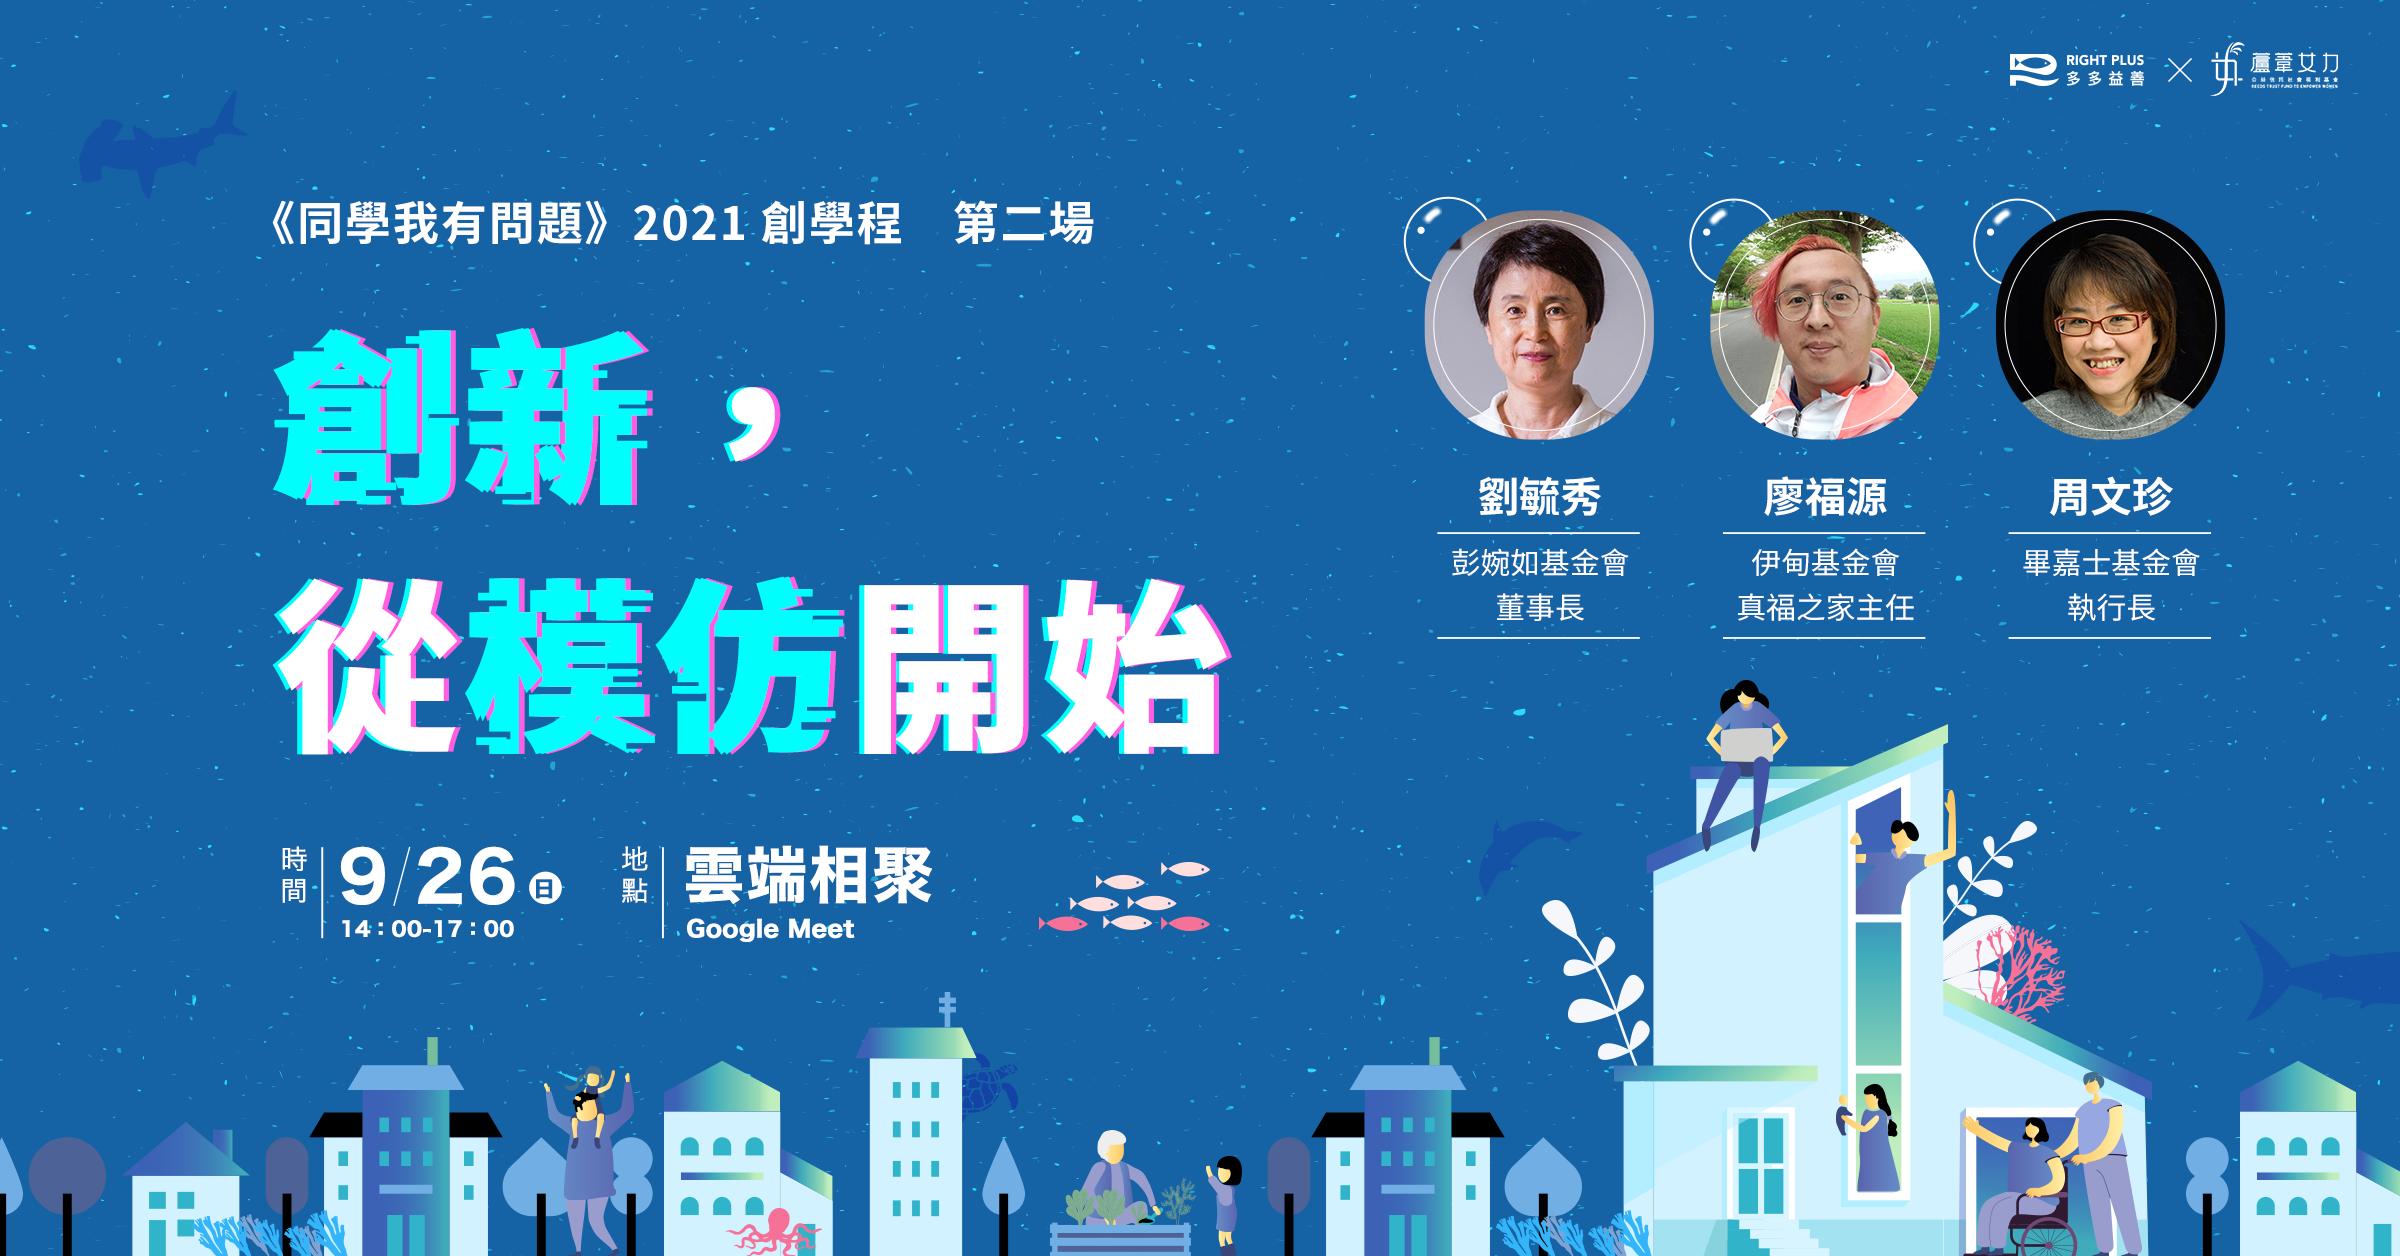 【線上活動熱烈報名中】2021 創學程2:創新,從模仿開始